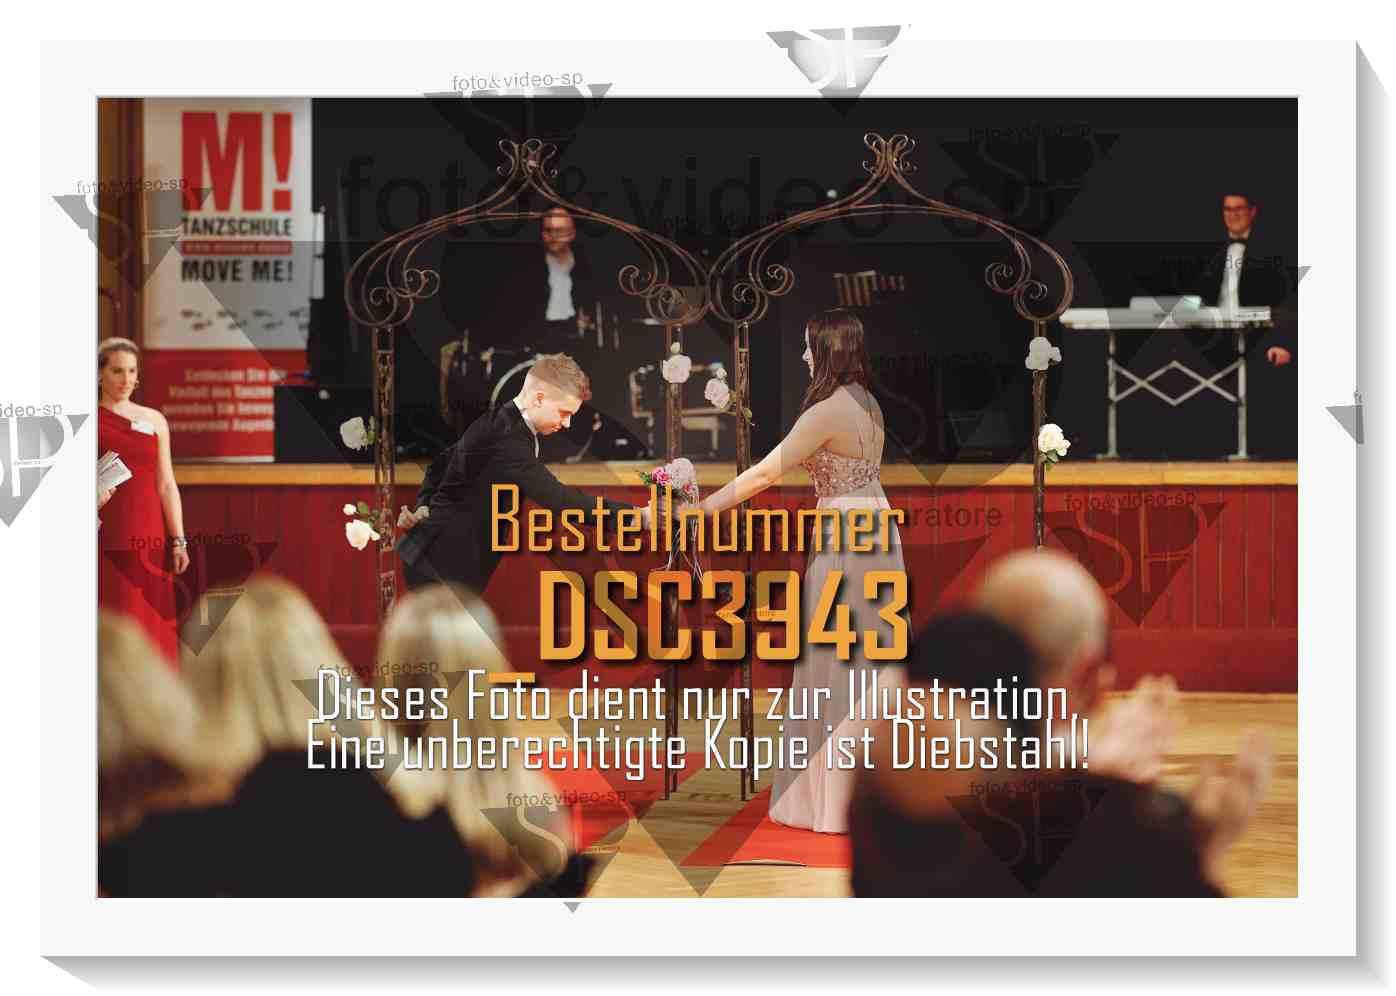 DSC3943